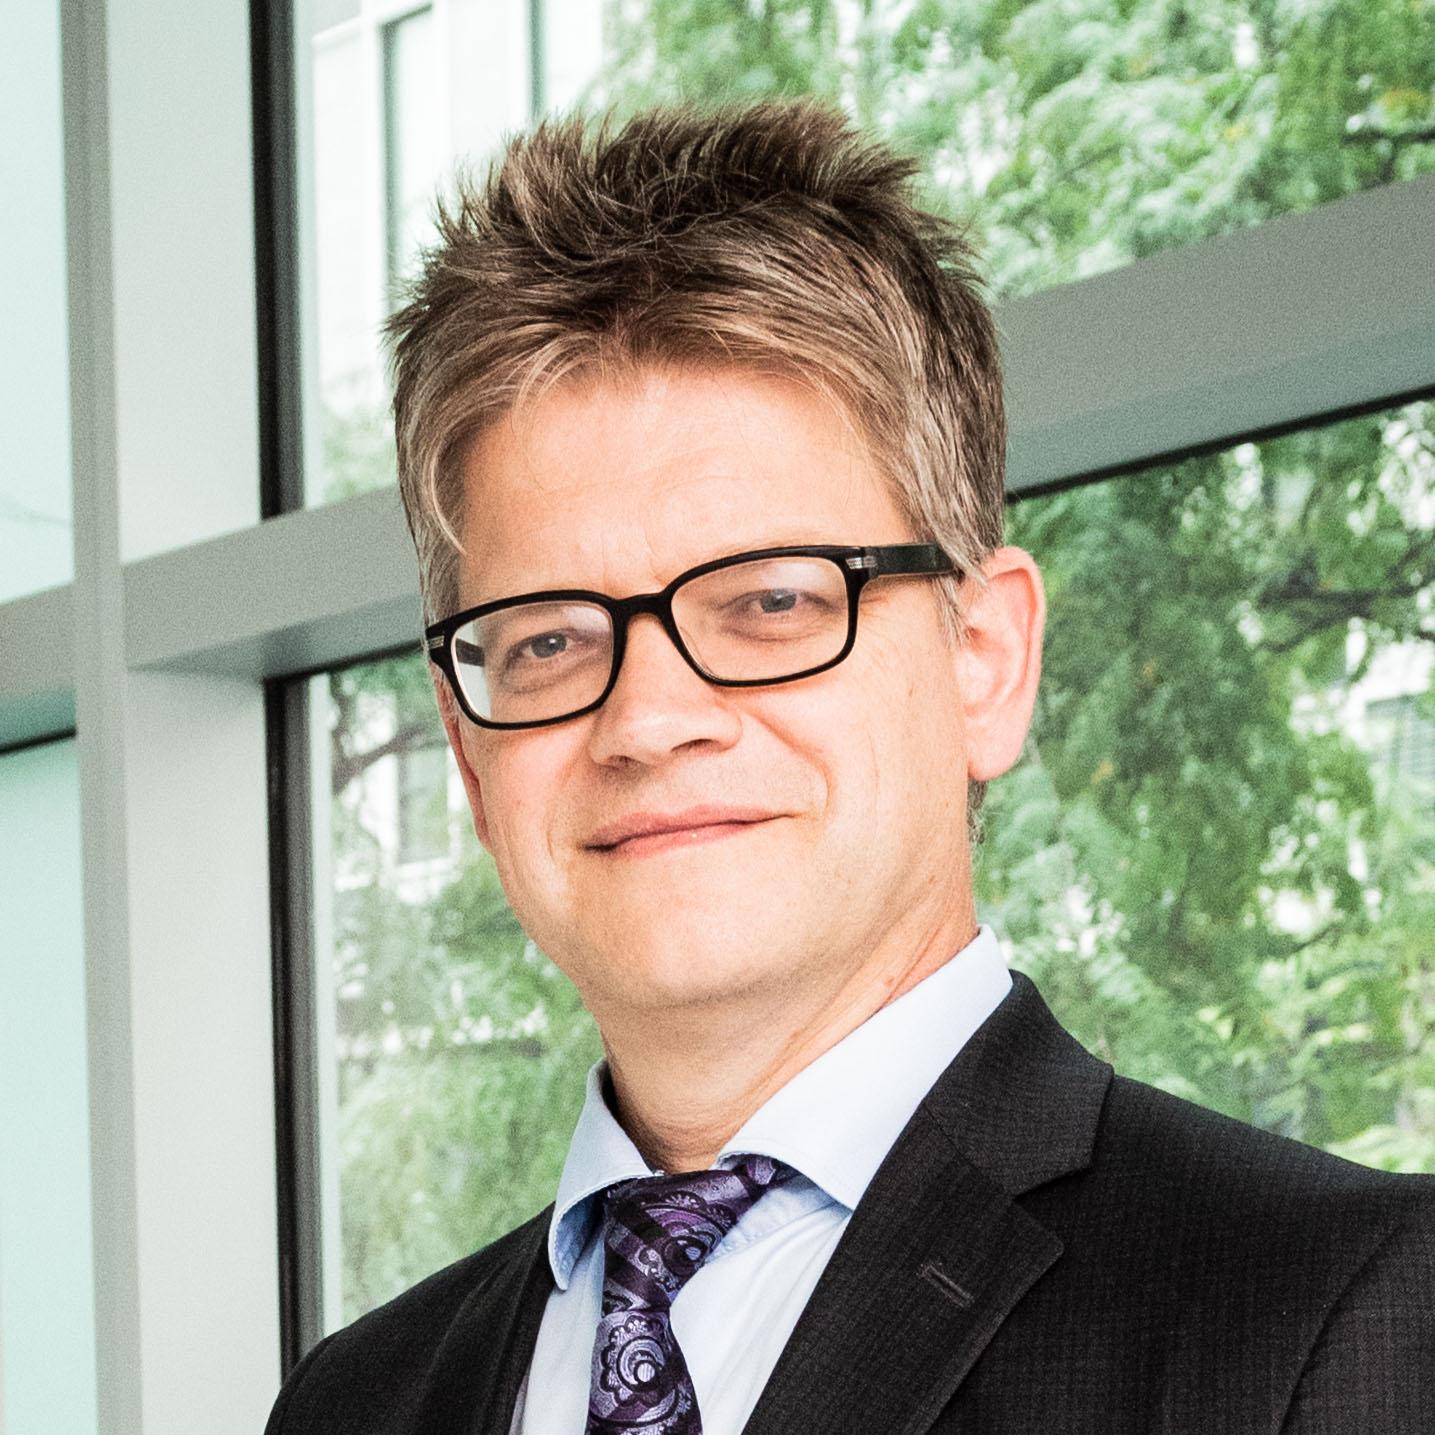 Jan Seuntjens